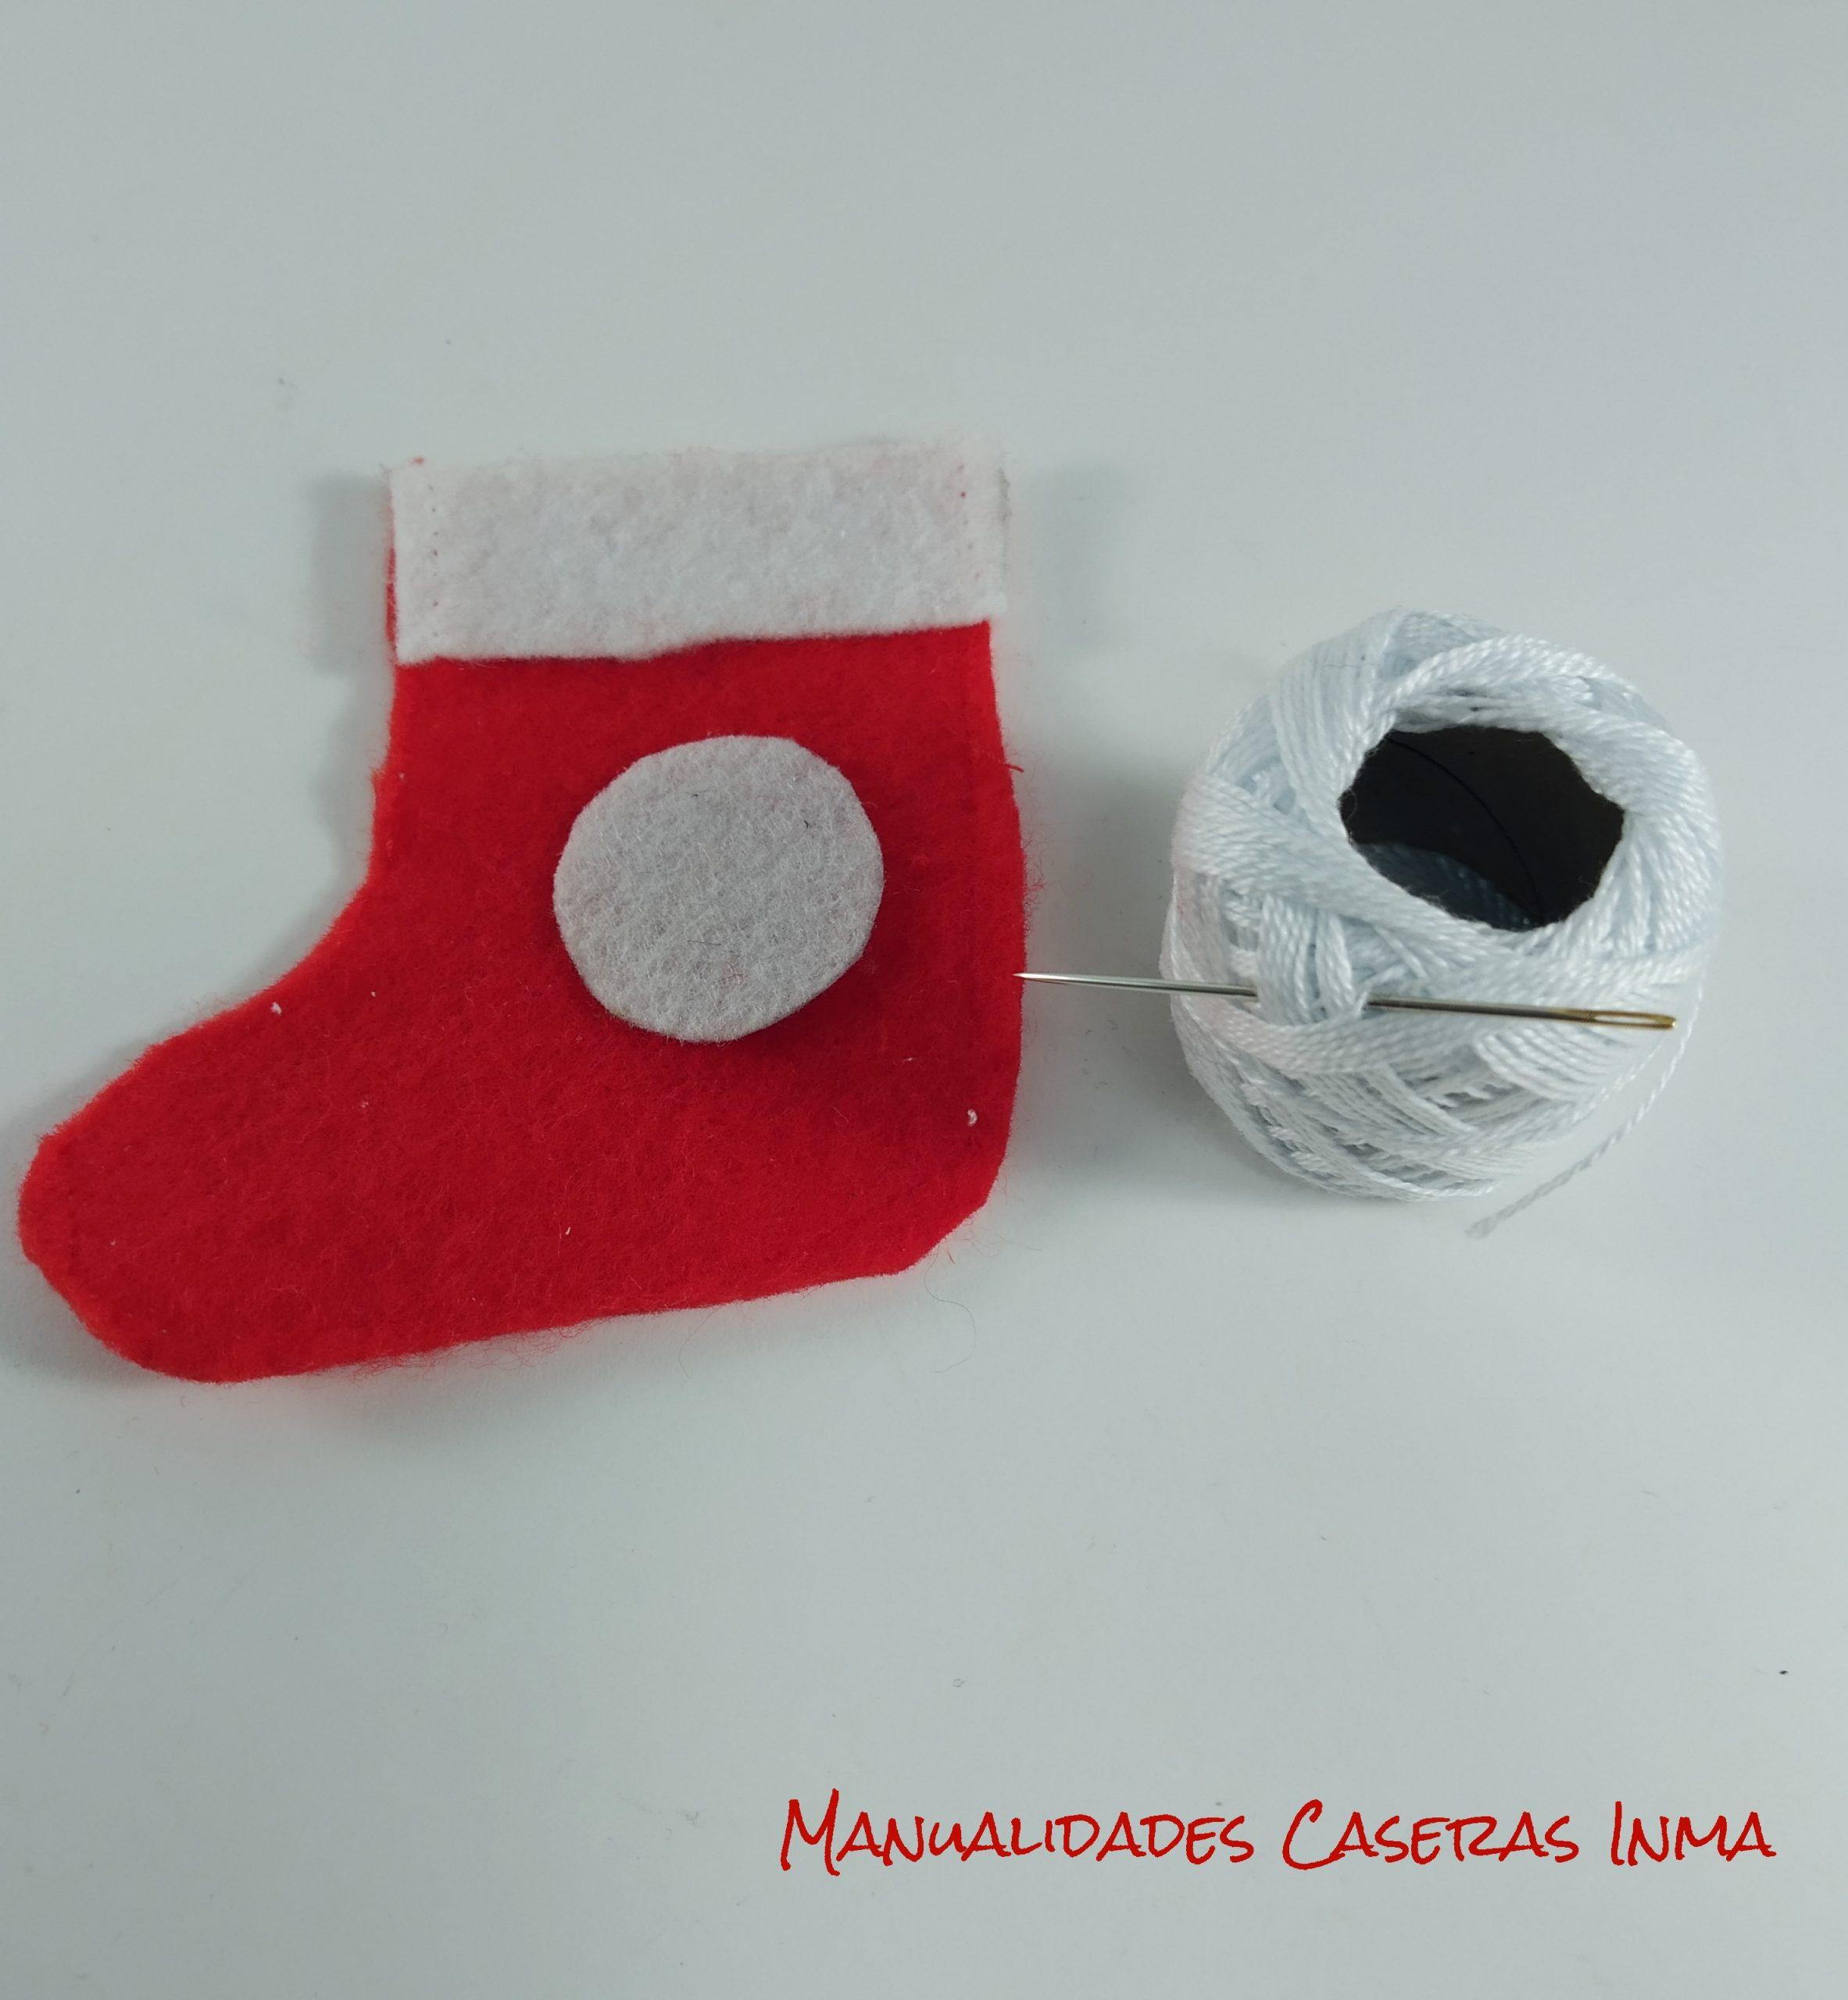 manualidades Caseras Inma_ Calendario de adviento_Como coser las botas